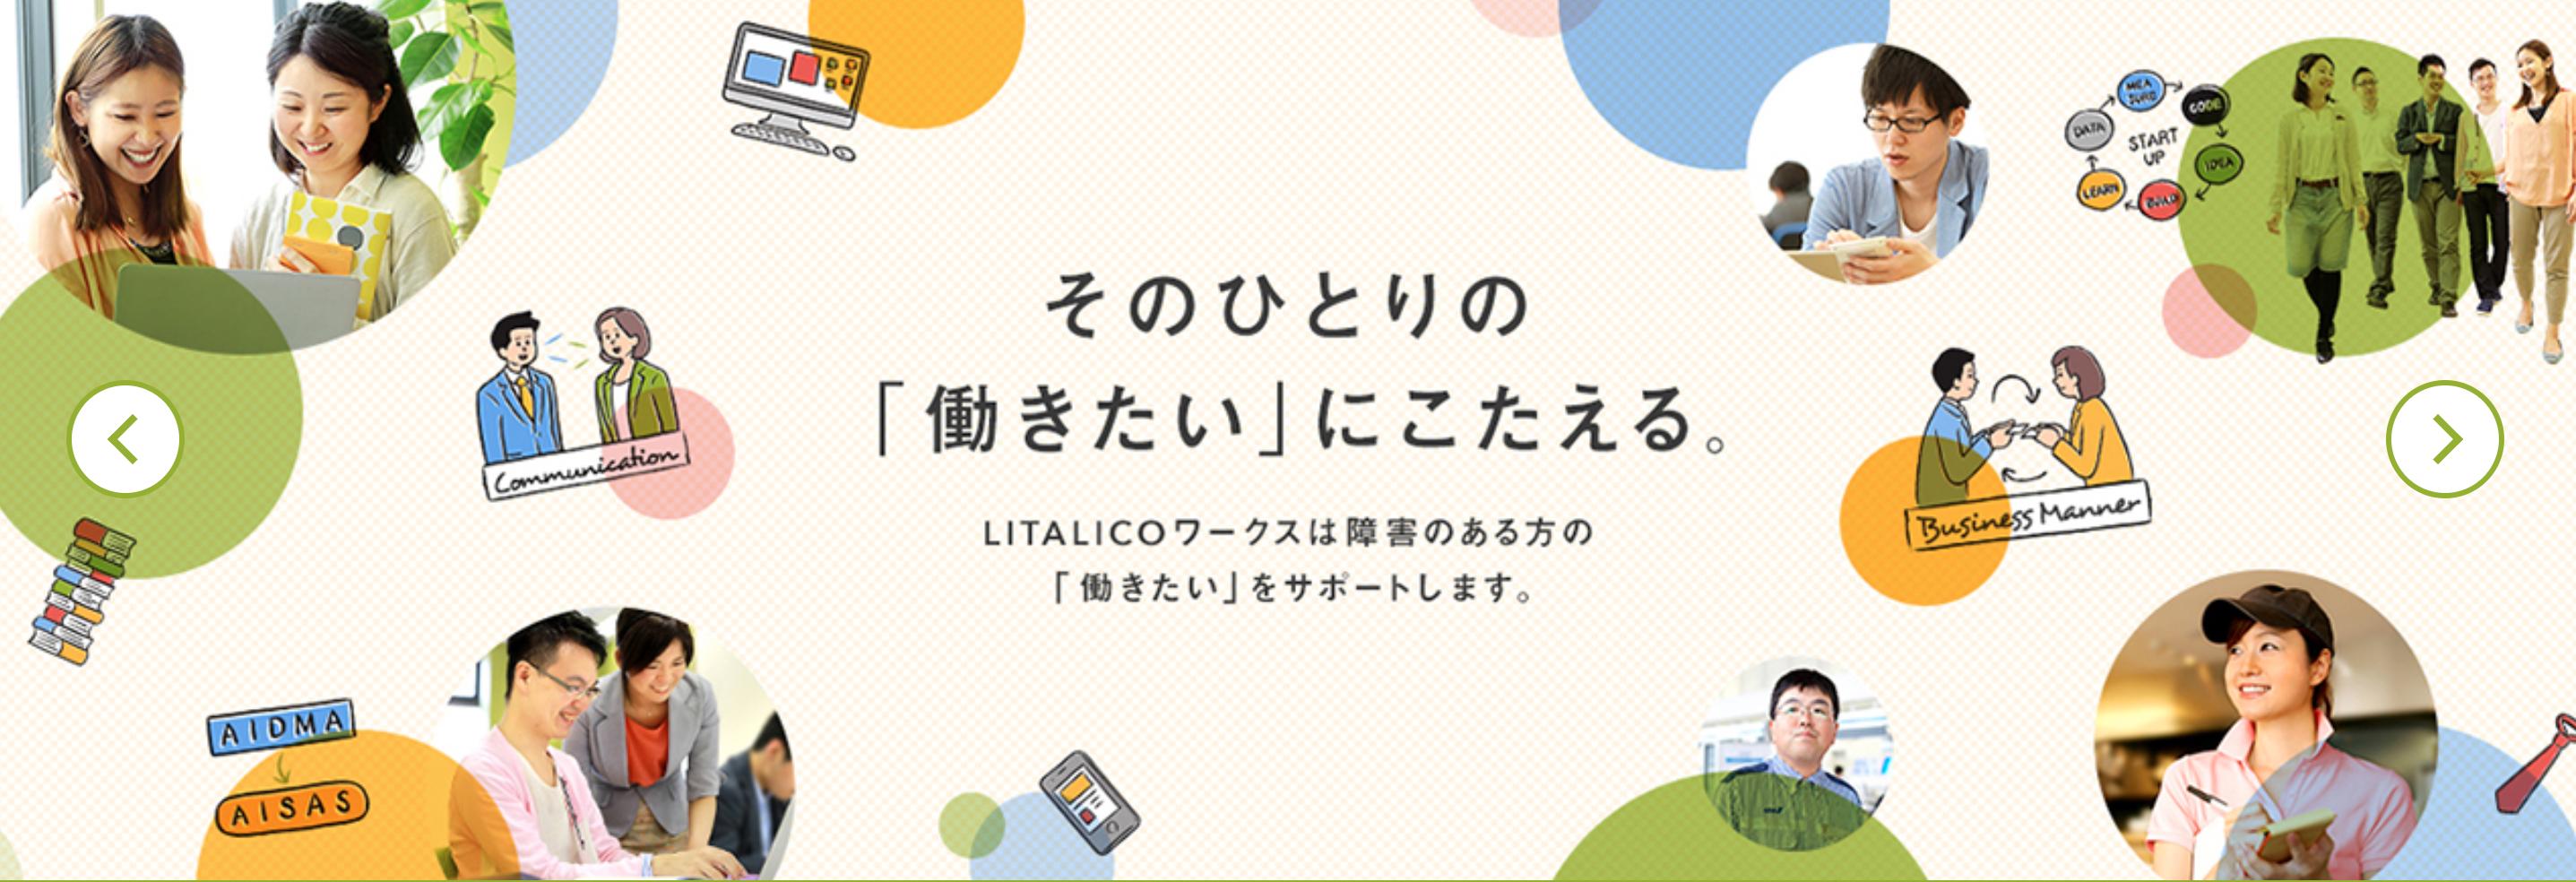 就労移行支援事業所LITALICOワークスのトップページ画像。アフィリエイト用に使用。